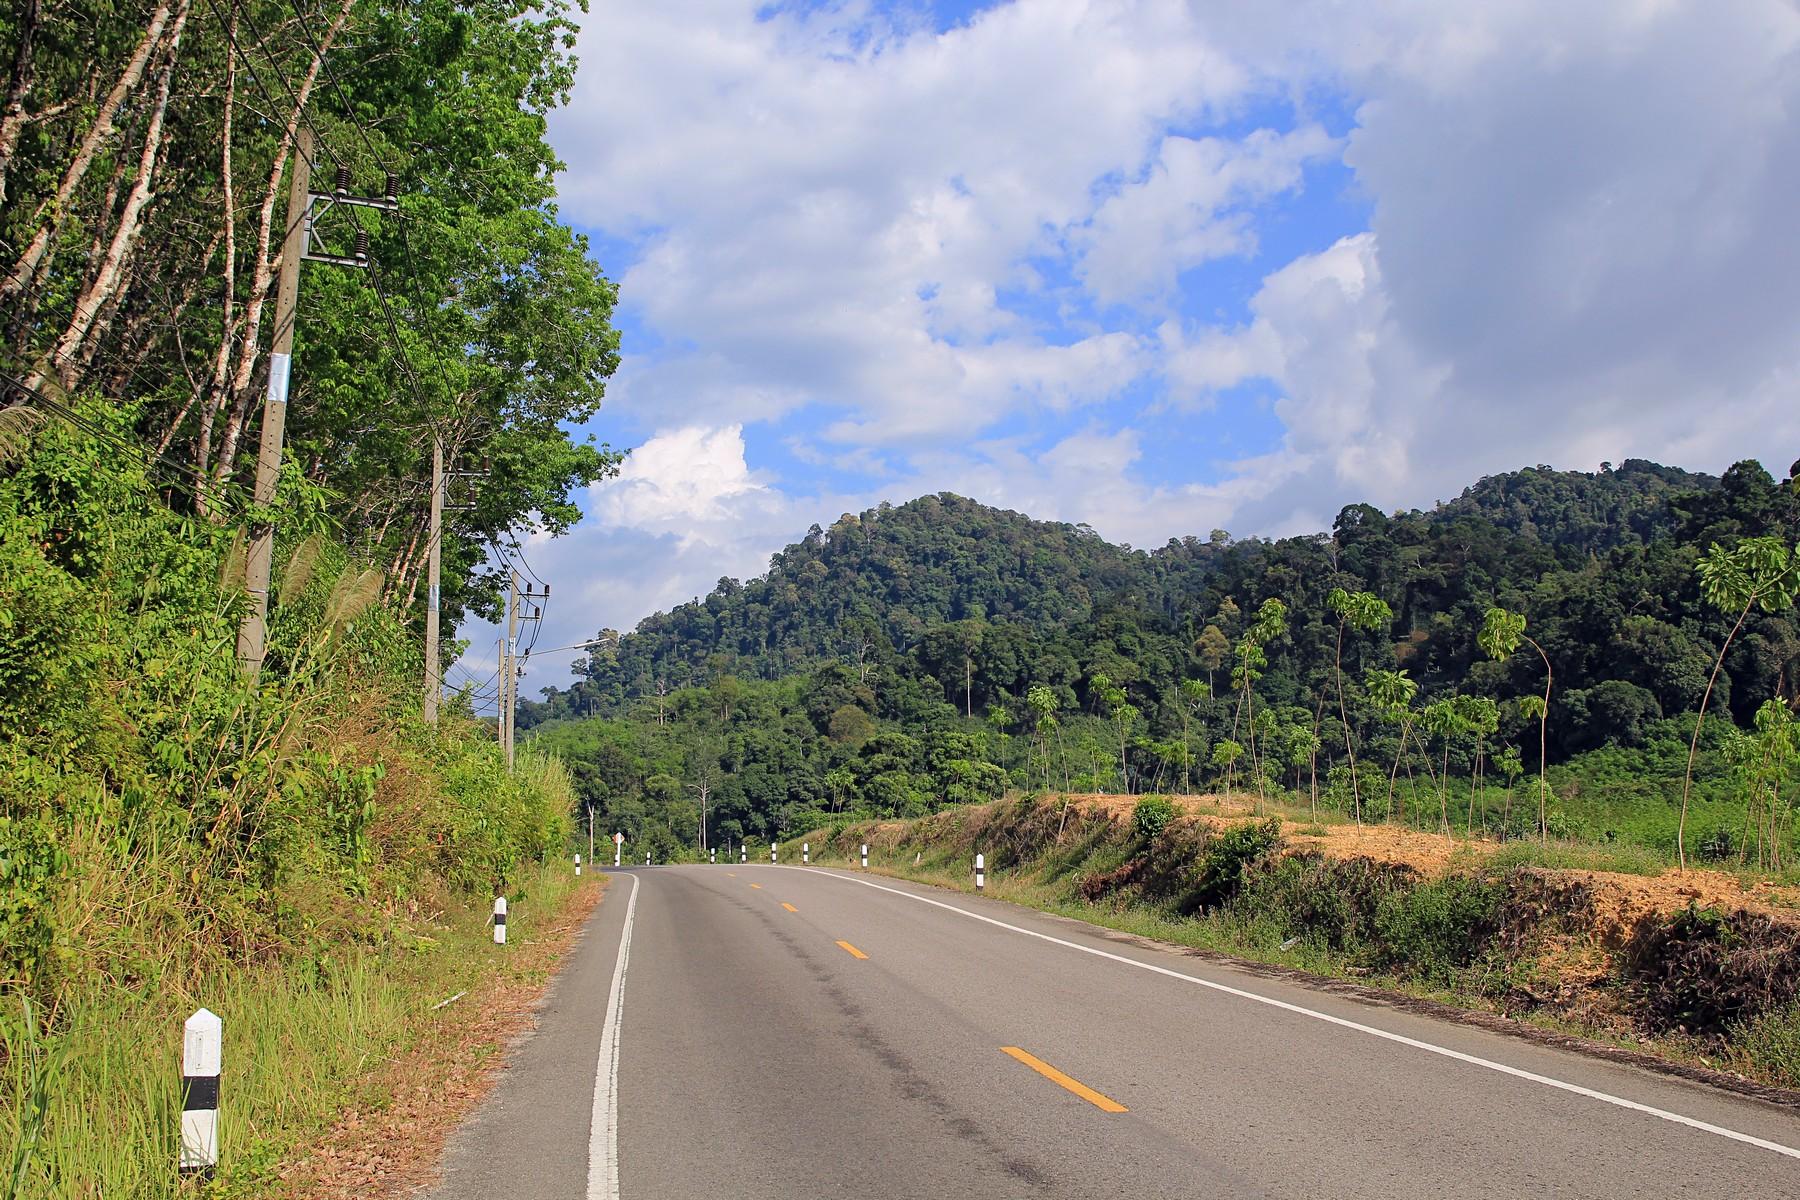 Несколько пейзажей по дороге из Као Лака в Такуа Па